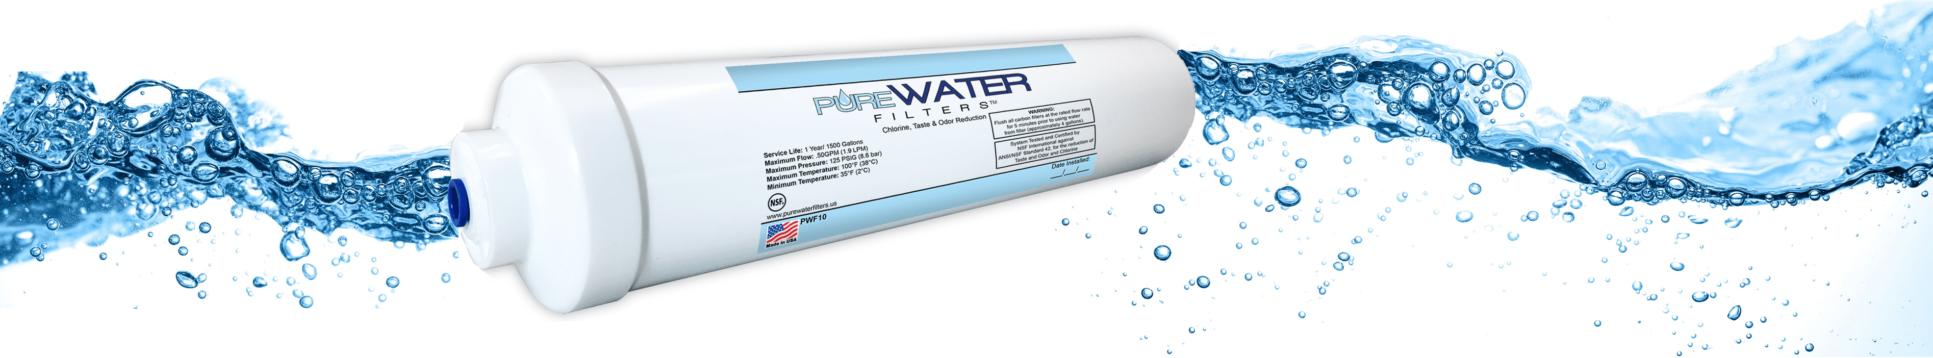 PureWater Filters Keurig